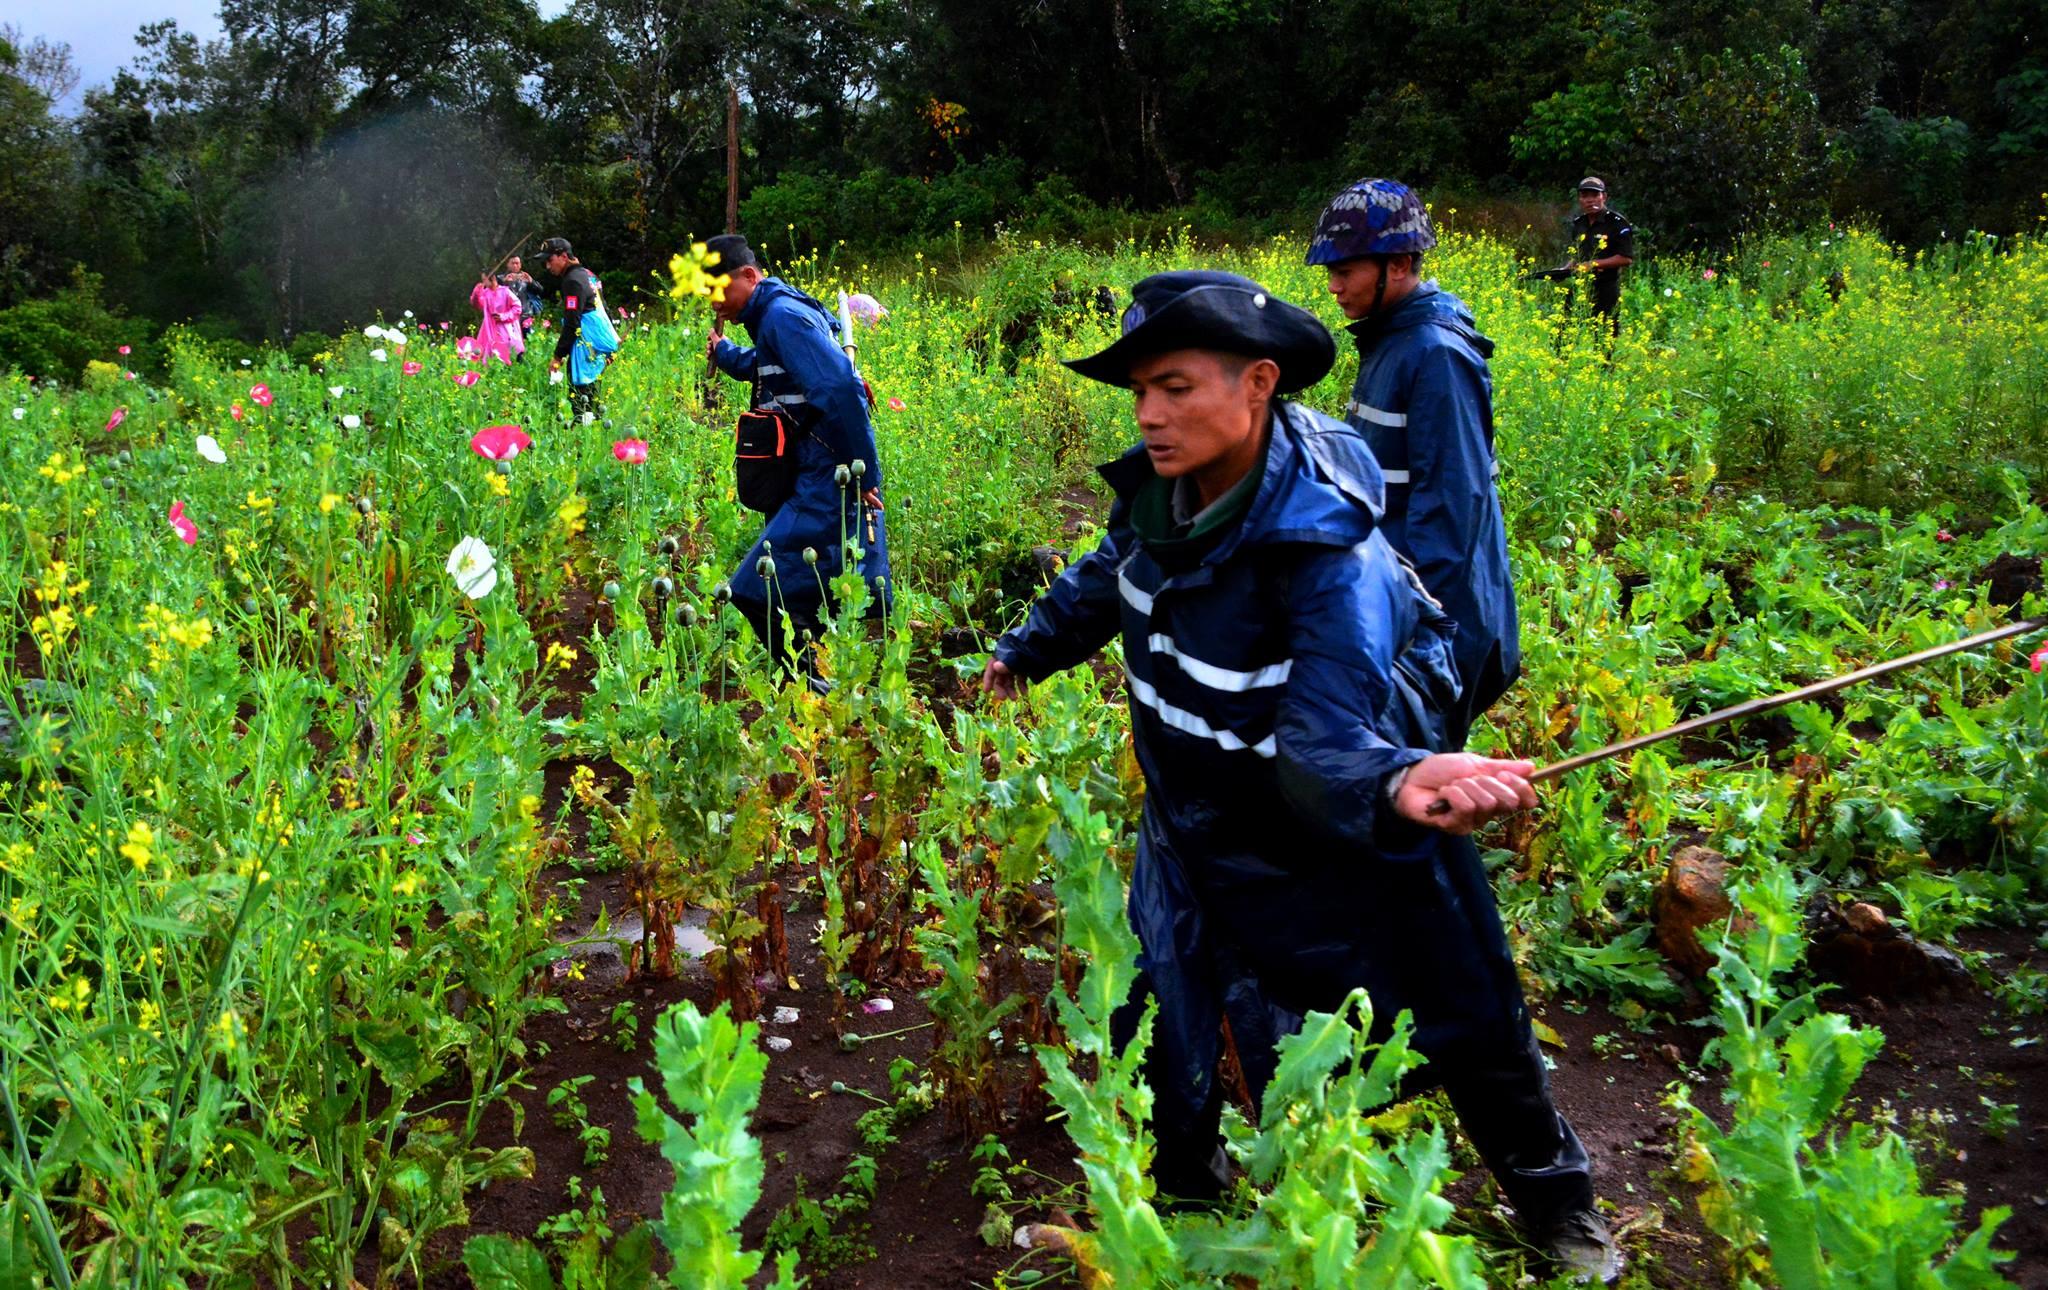 ဒေသတွင်း လိုက်လျောညီထွေဖြစ်တဲ့ အစားထိုးသီးနှံနဲ့ လျှော့ချရမယ့် ဘိန်းစိုက်ပျိုးမှု